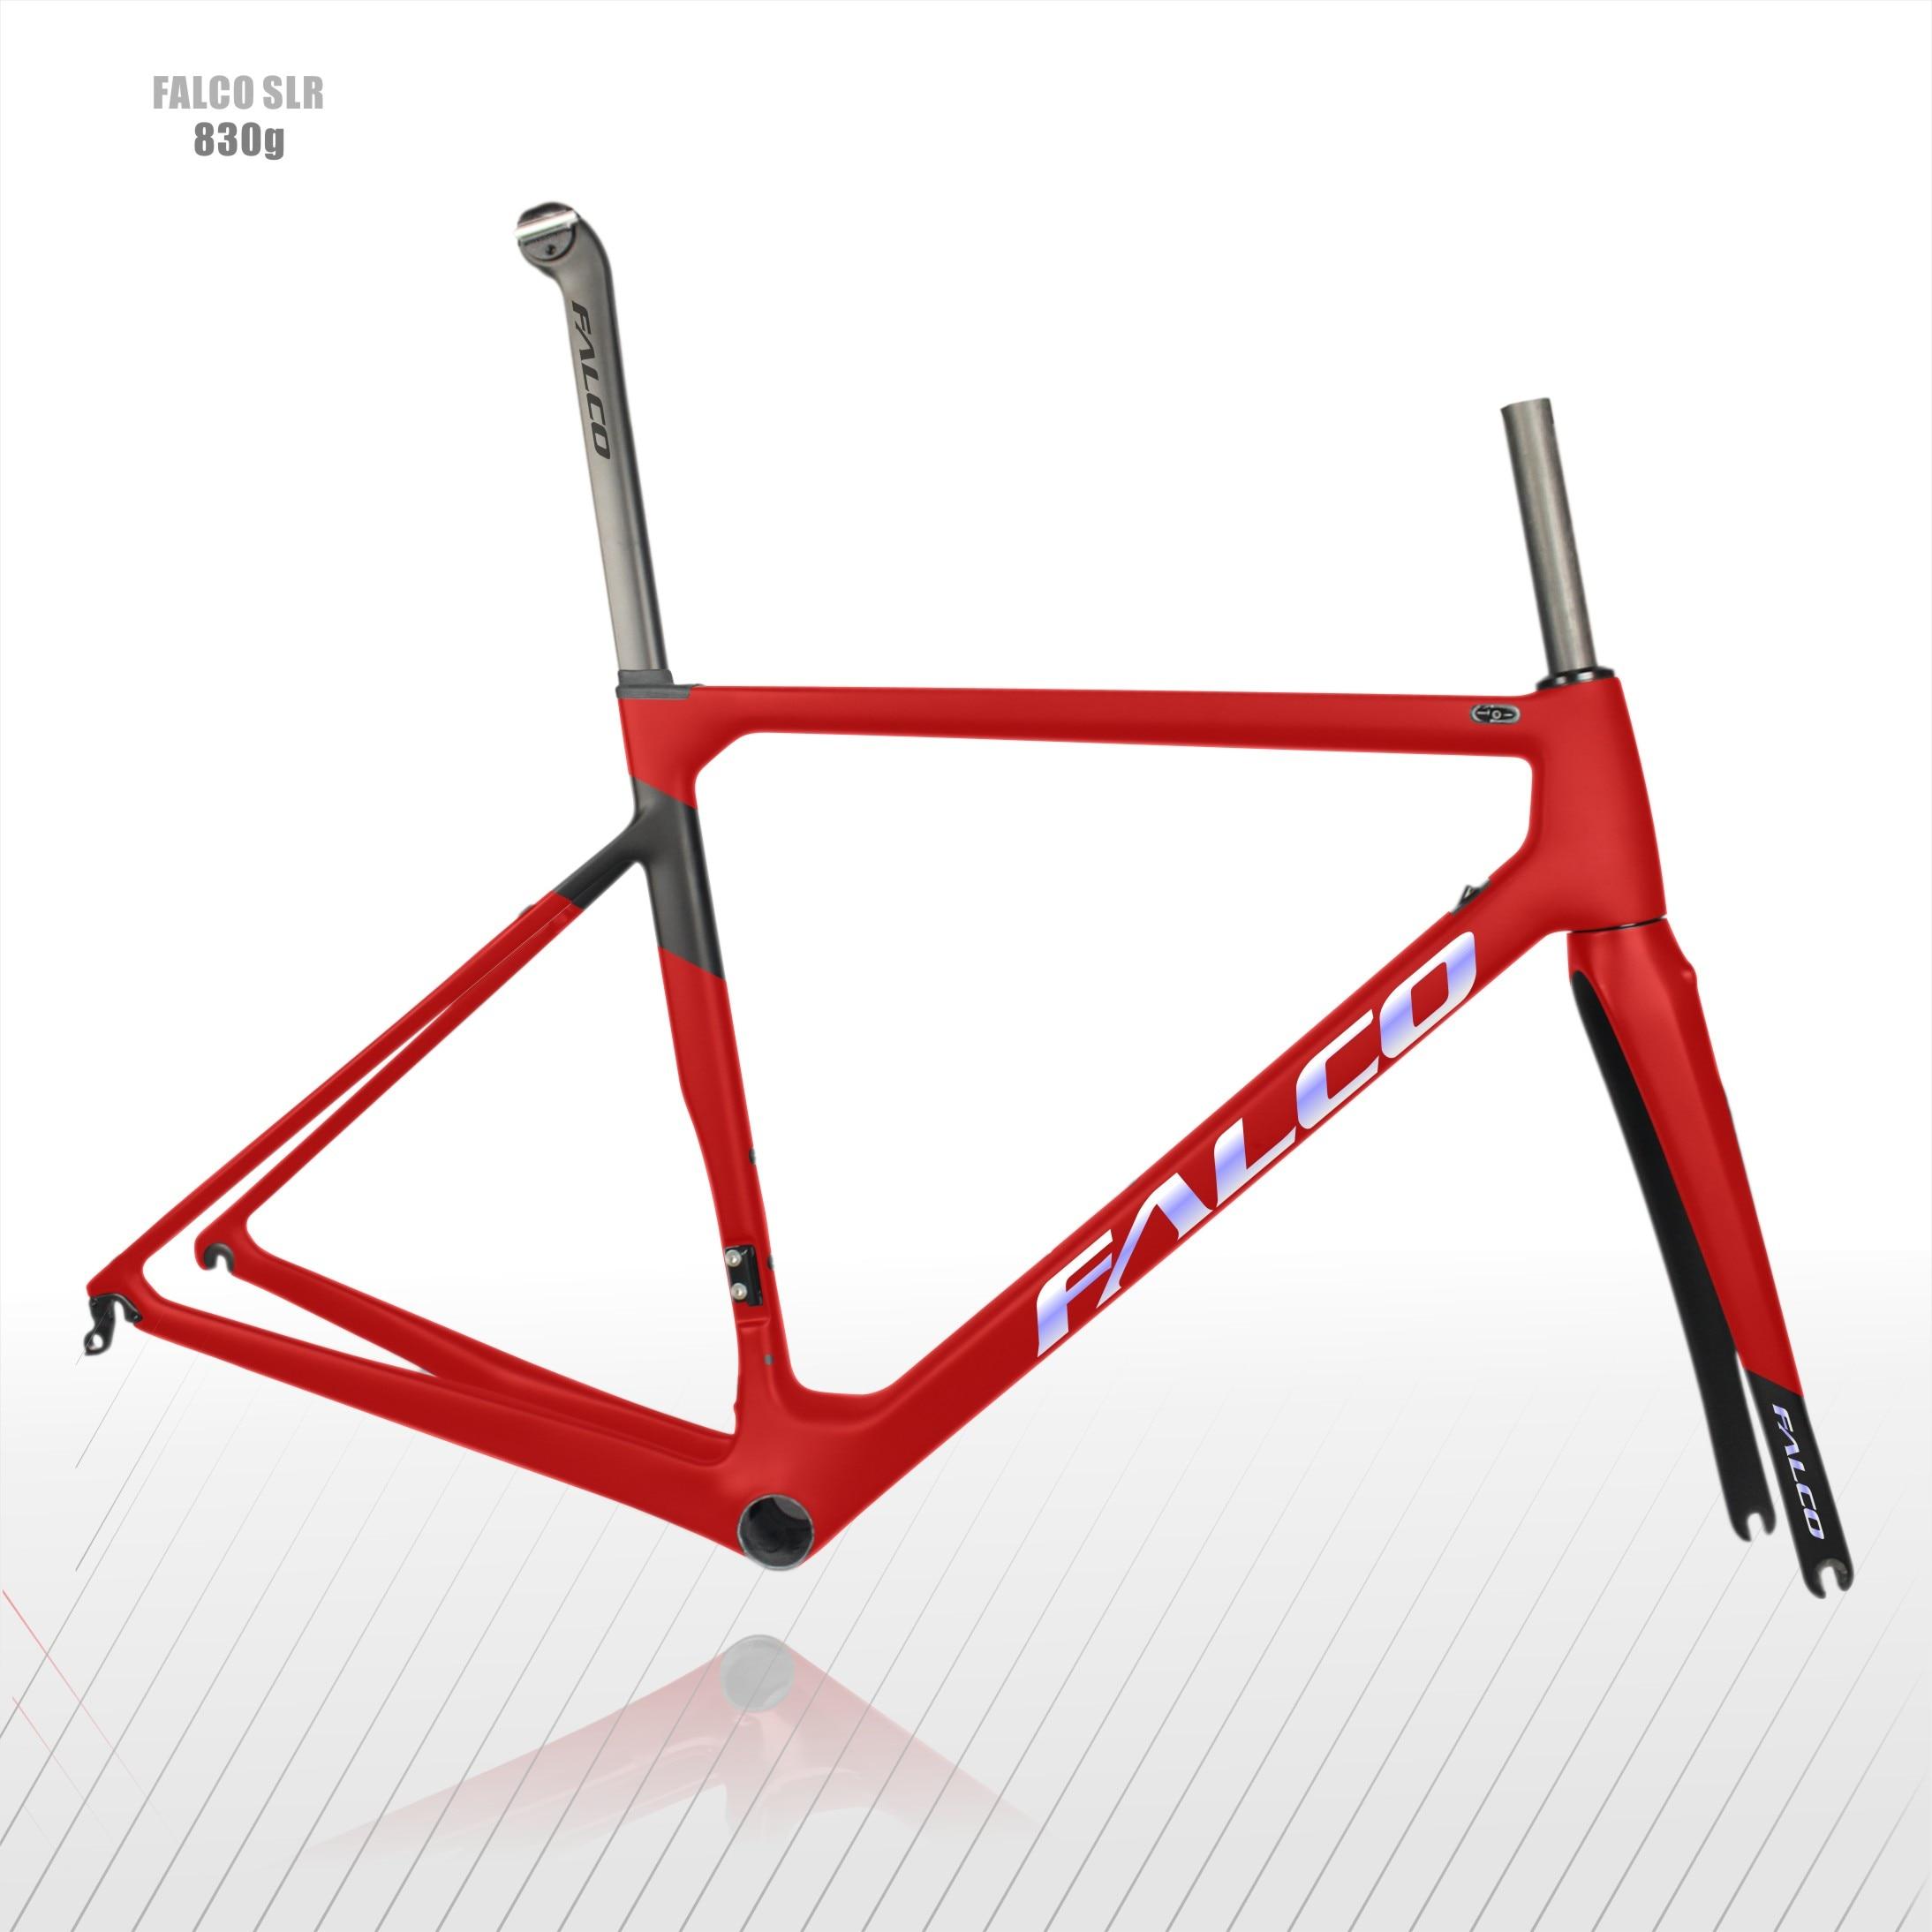 2020 Hot Full Carbon Disc Road Bike Frame,Falco Super Light  T1000 Carbon Fiber Bicycle Frame Road